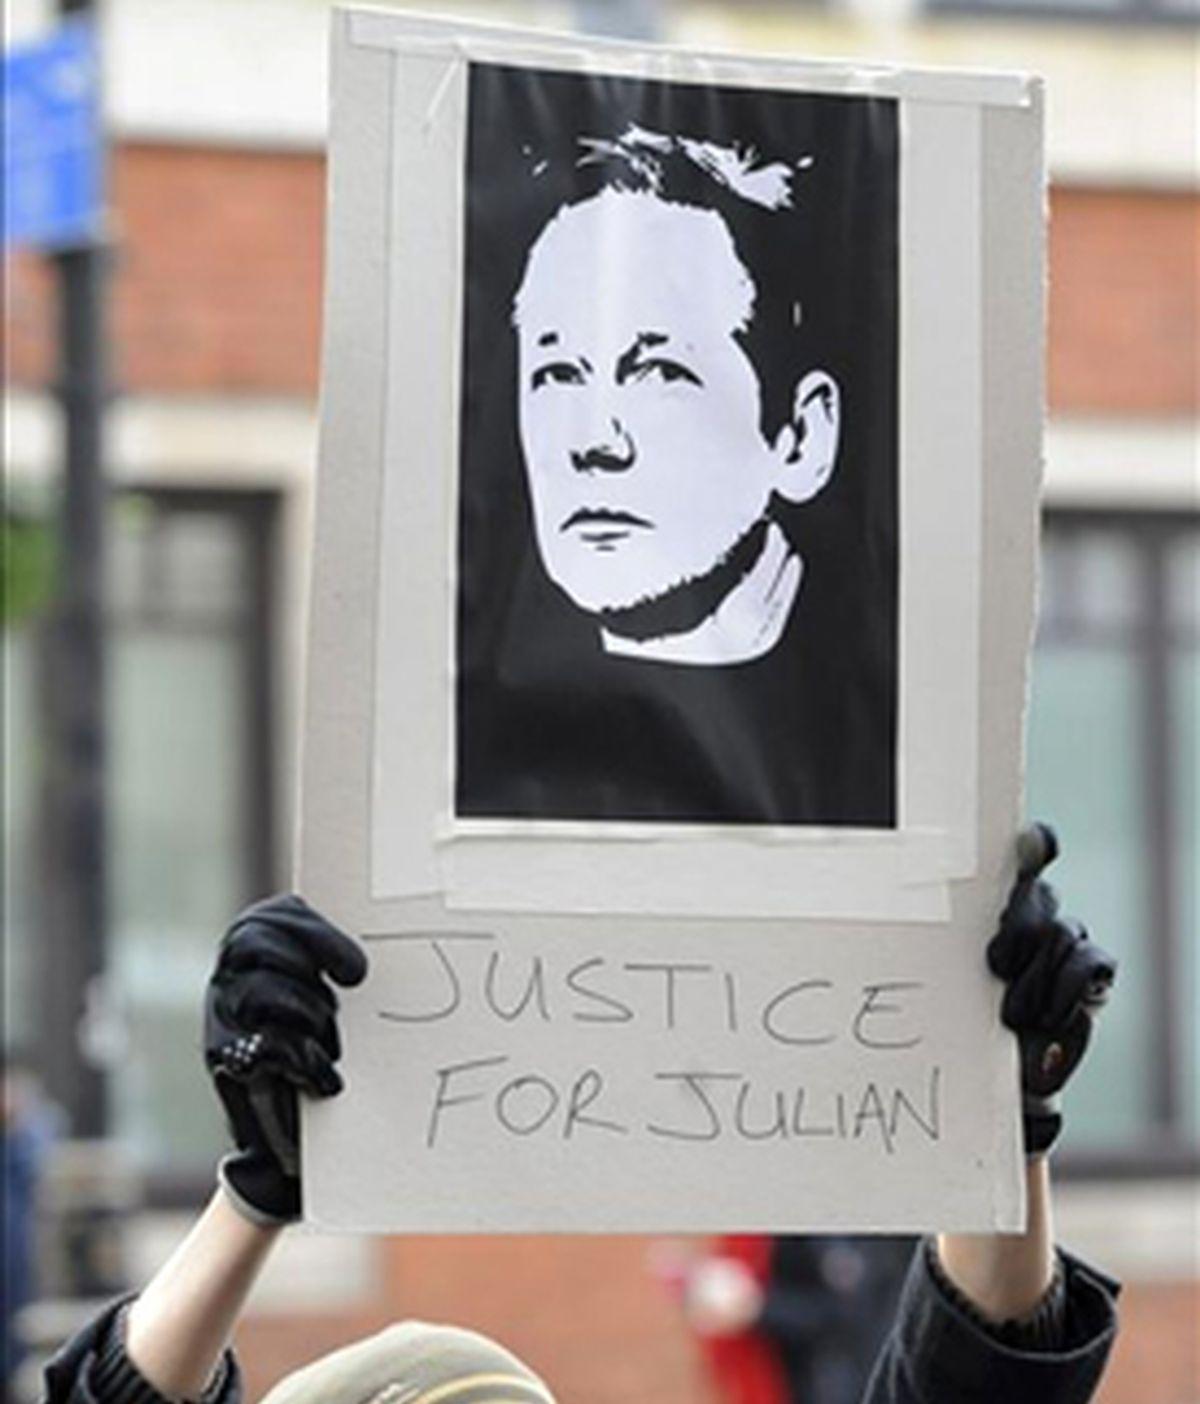 Las movilizaciones a favor de Julian Assange se han sucedido en Suecia y Australia. Foto EFE